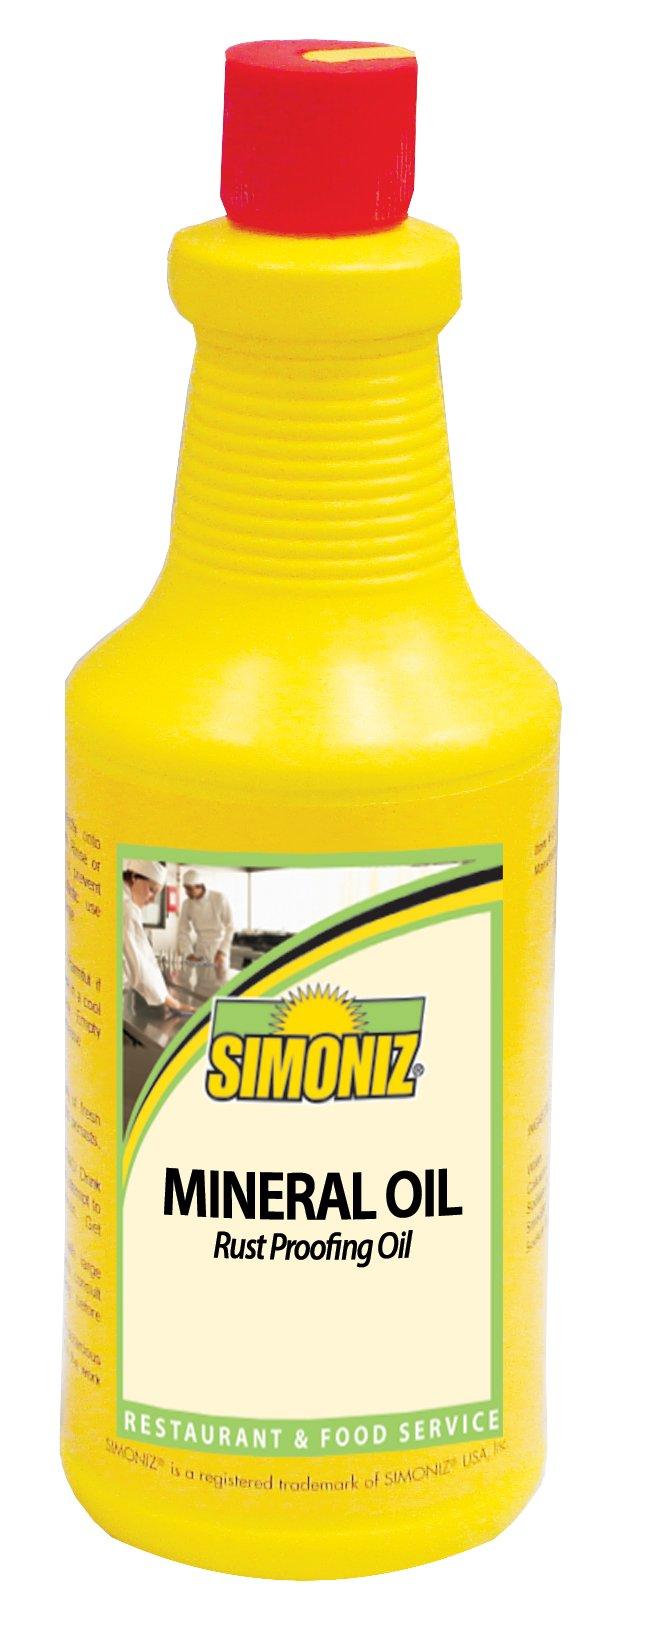 Simoniz M2323012 Rust Proofing Mineral Oil, 32 oz Bottles per Case (Pack of 12) by Simoniz (Image #1)